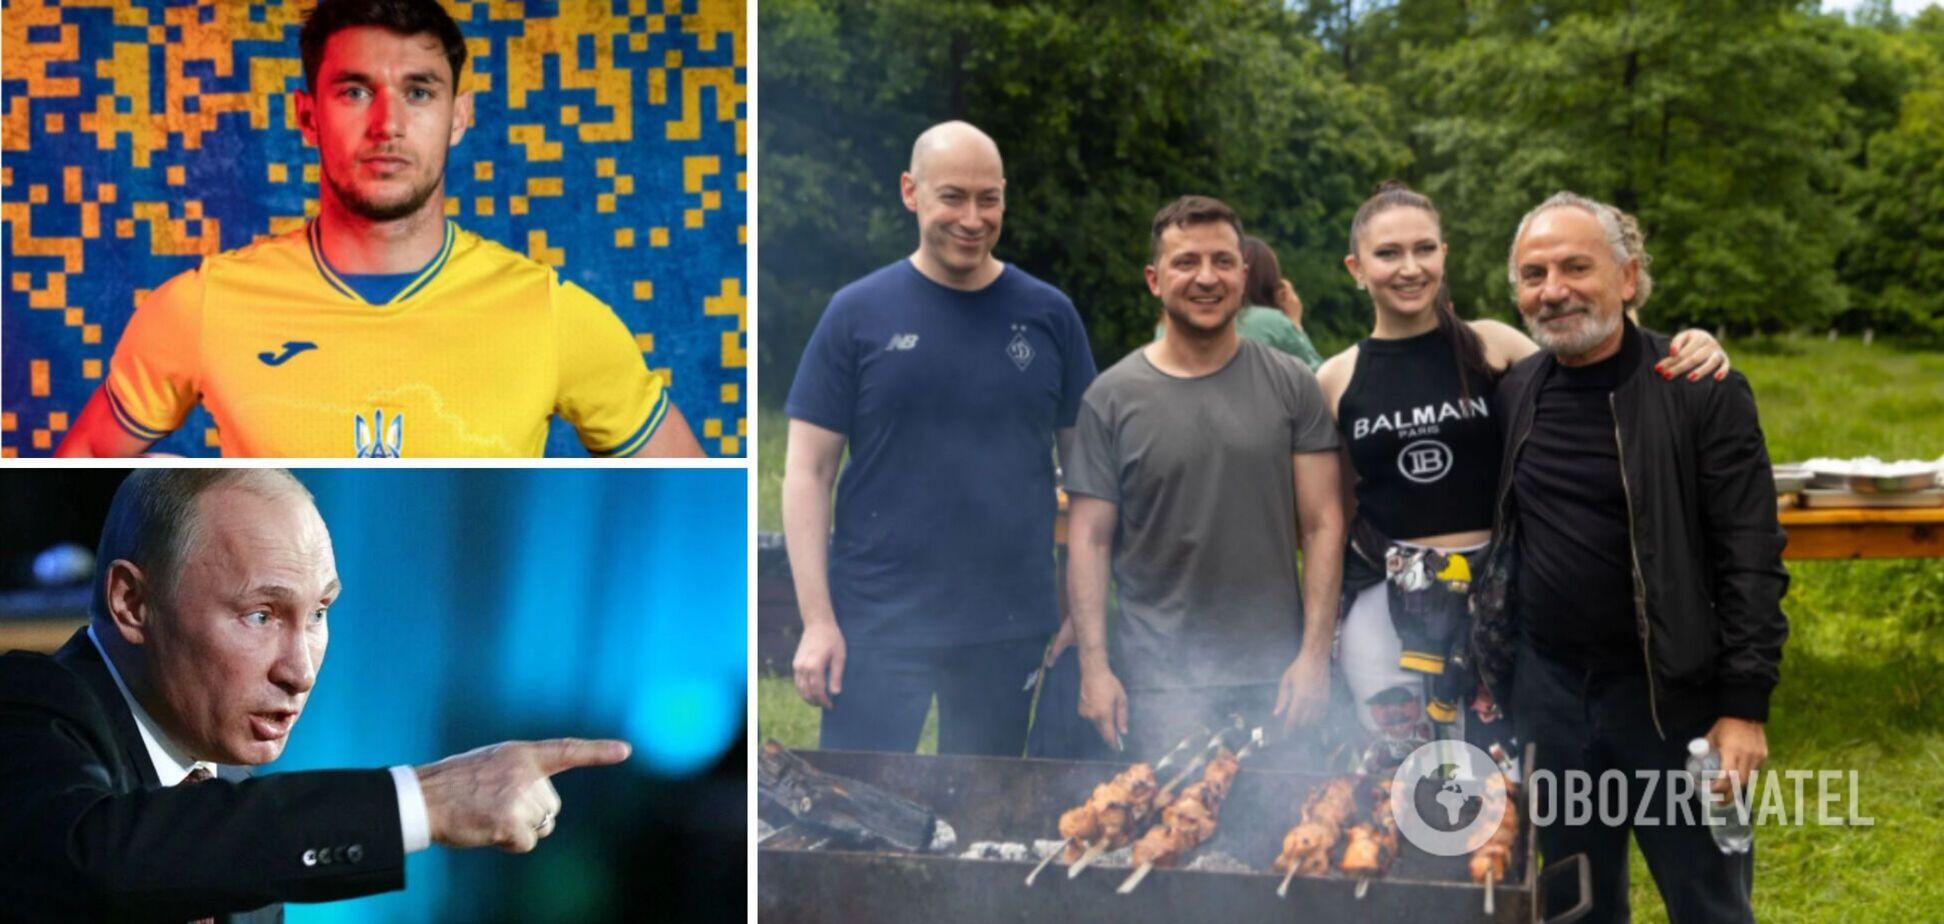 Новости Украины: Зеленский сходил с журналистами на пикник, а 'особая' форма нашей сборной вызвала скандал в РФ